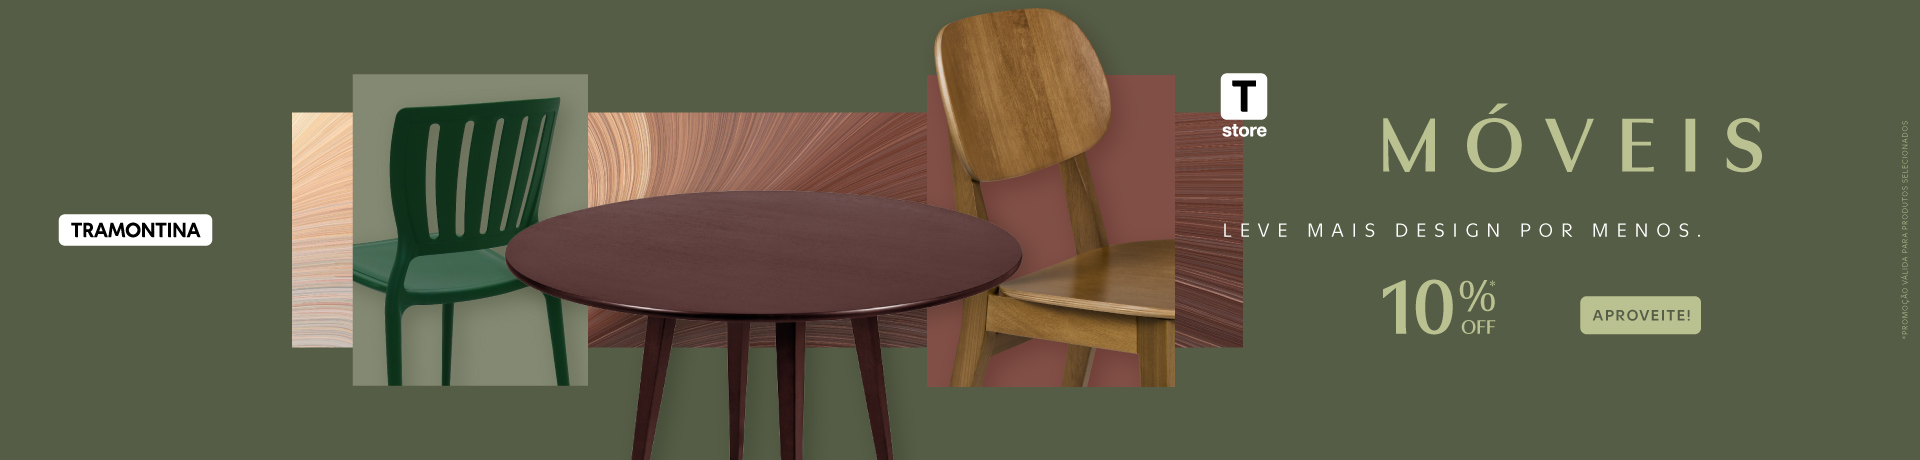 Banner 2 - Mesas e Cadeiras